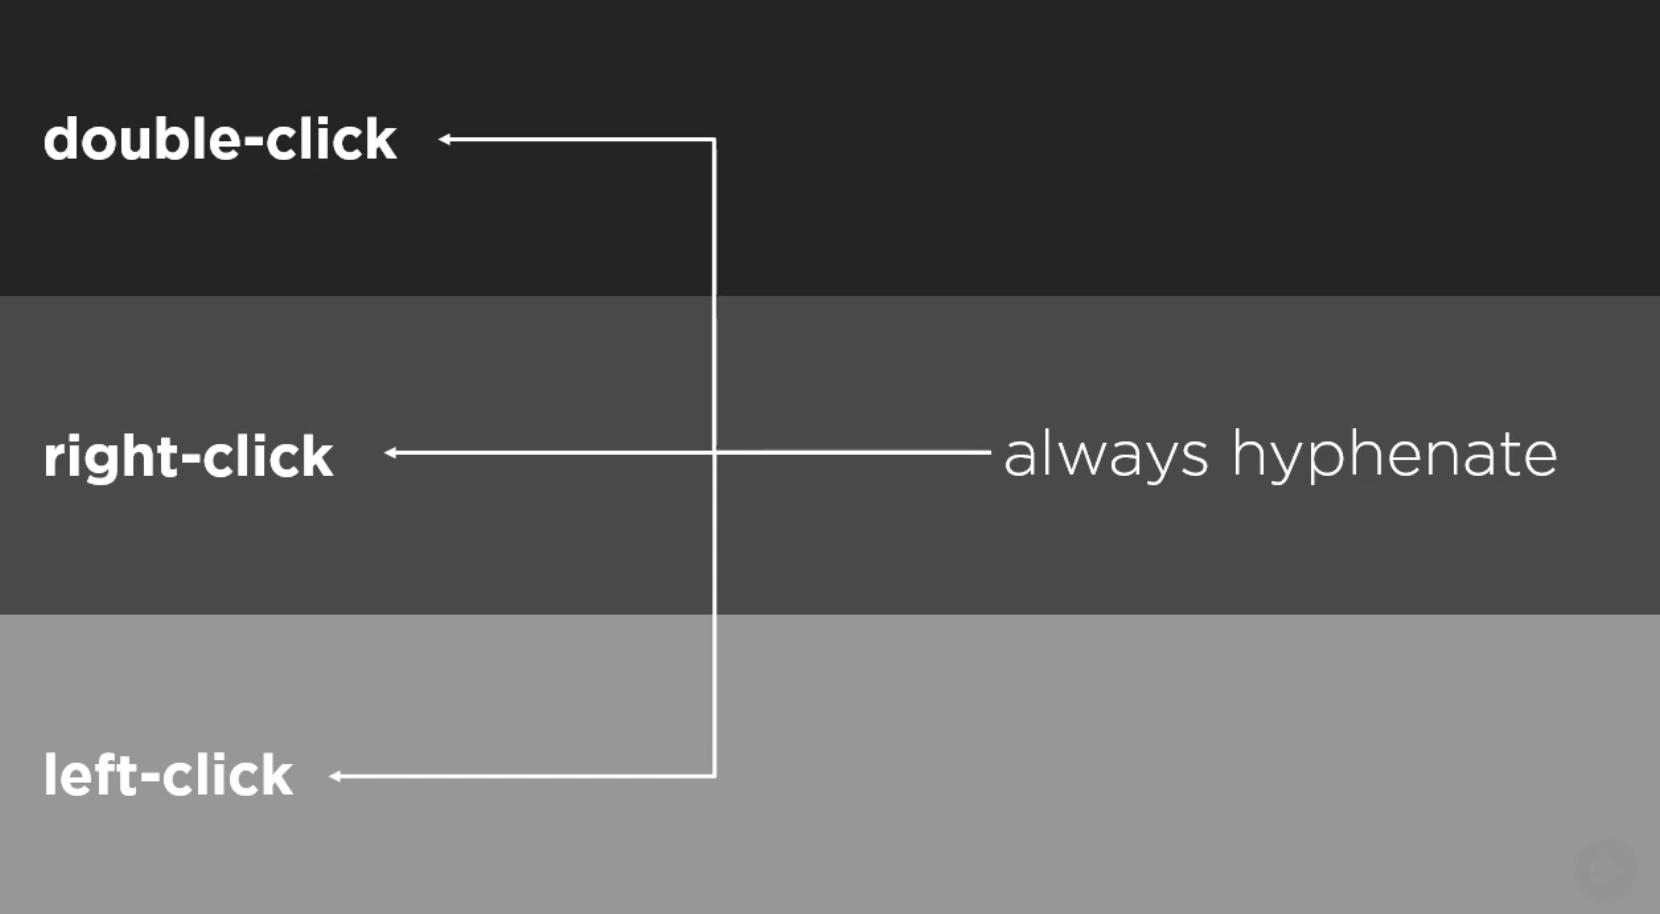 always hyphenate